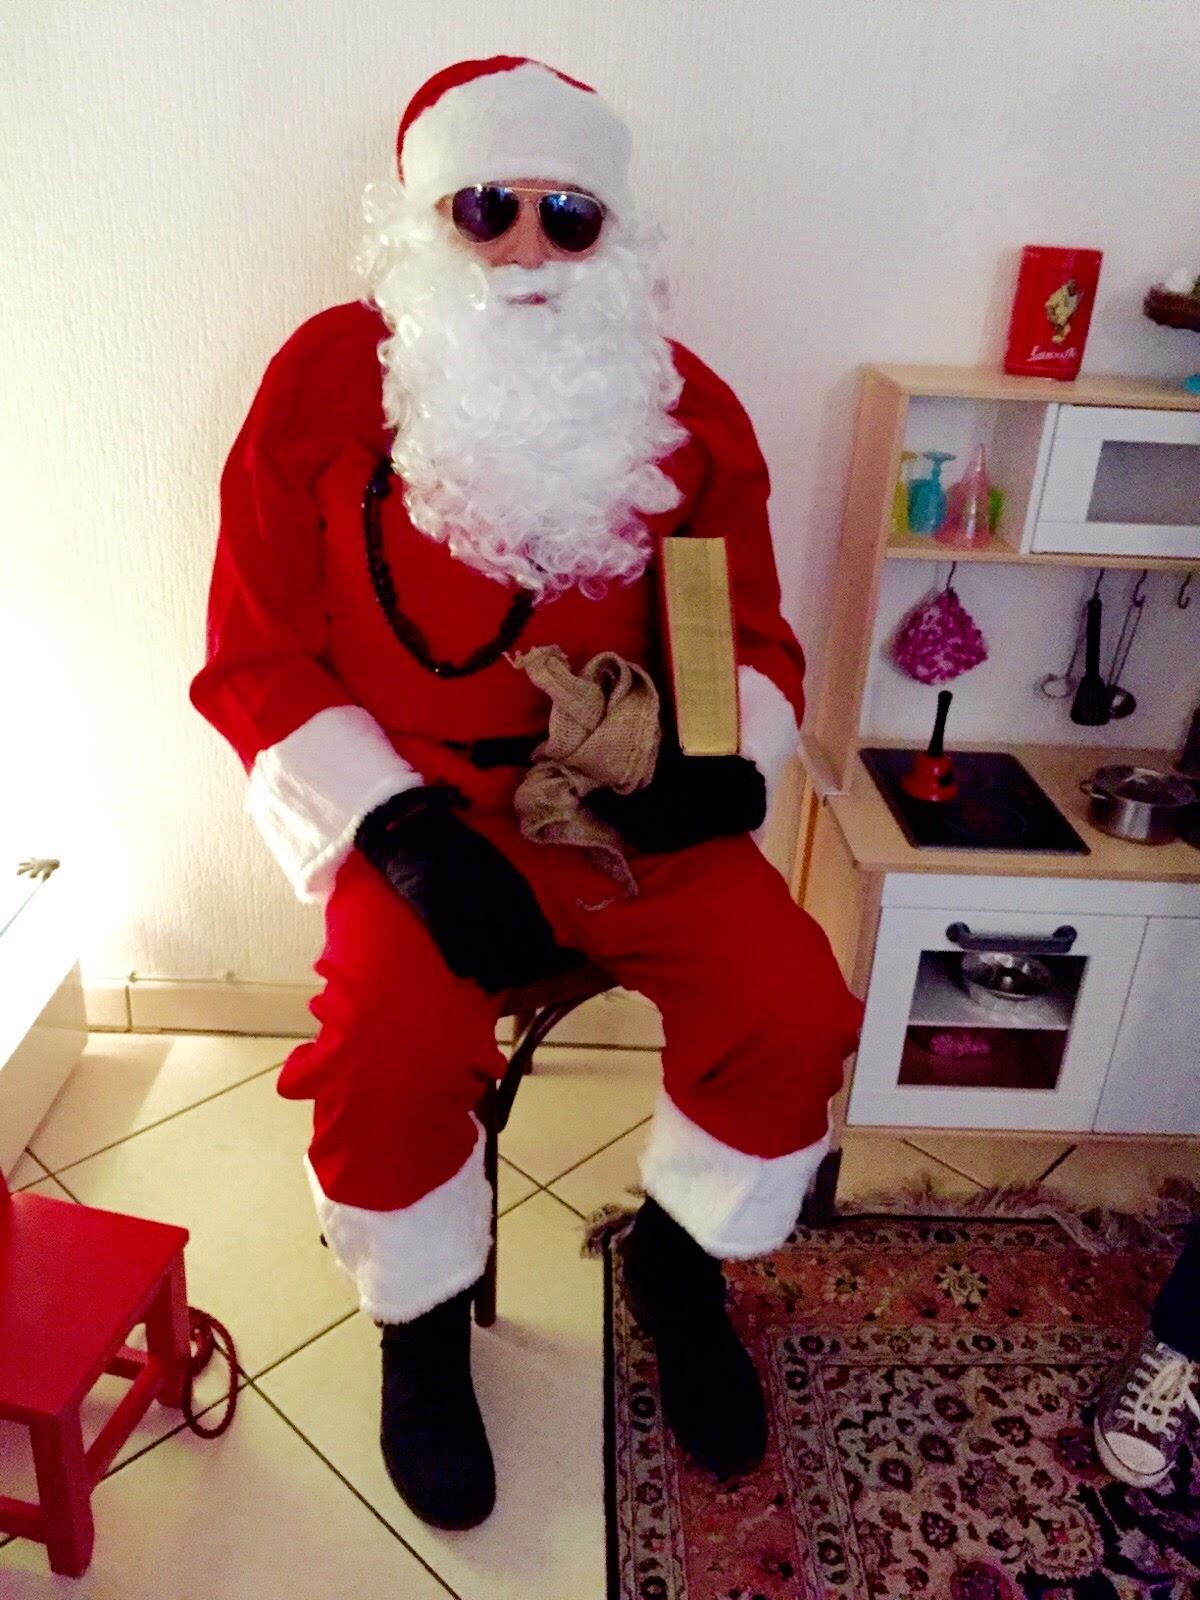 bad-santa-weihnachten-vater-lüge-weihnachtsmann